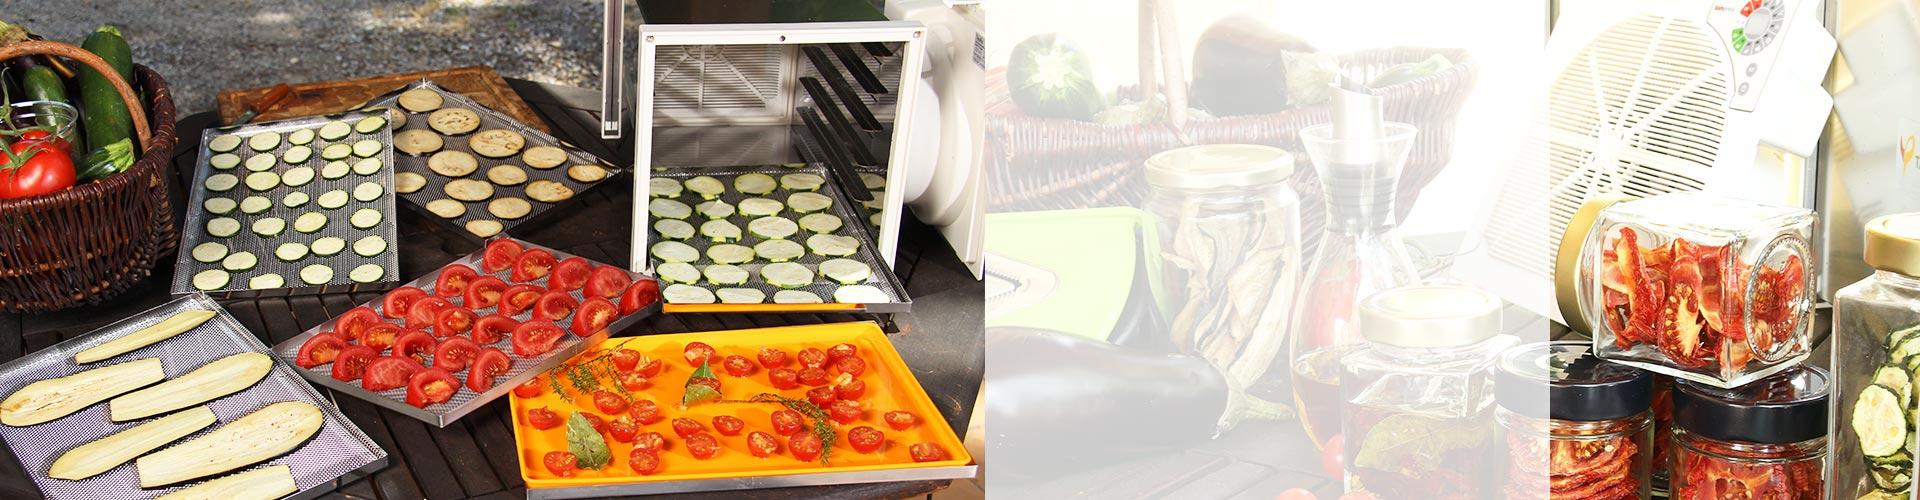 Déshydratez légumes et fruits